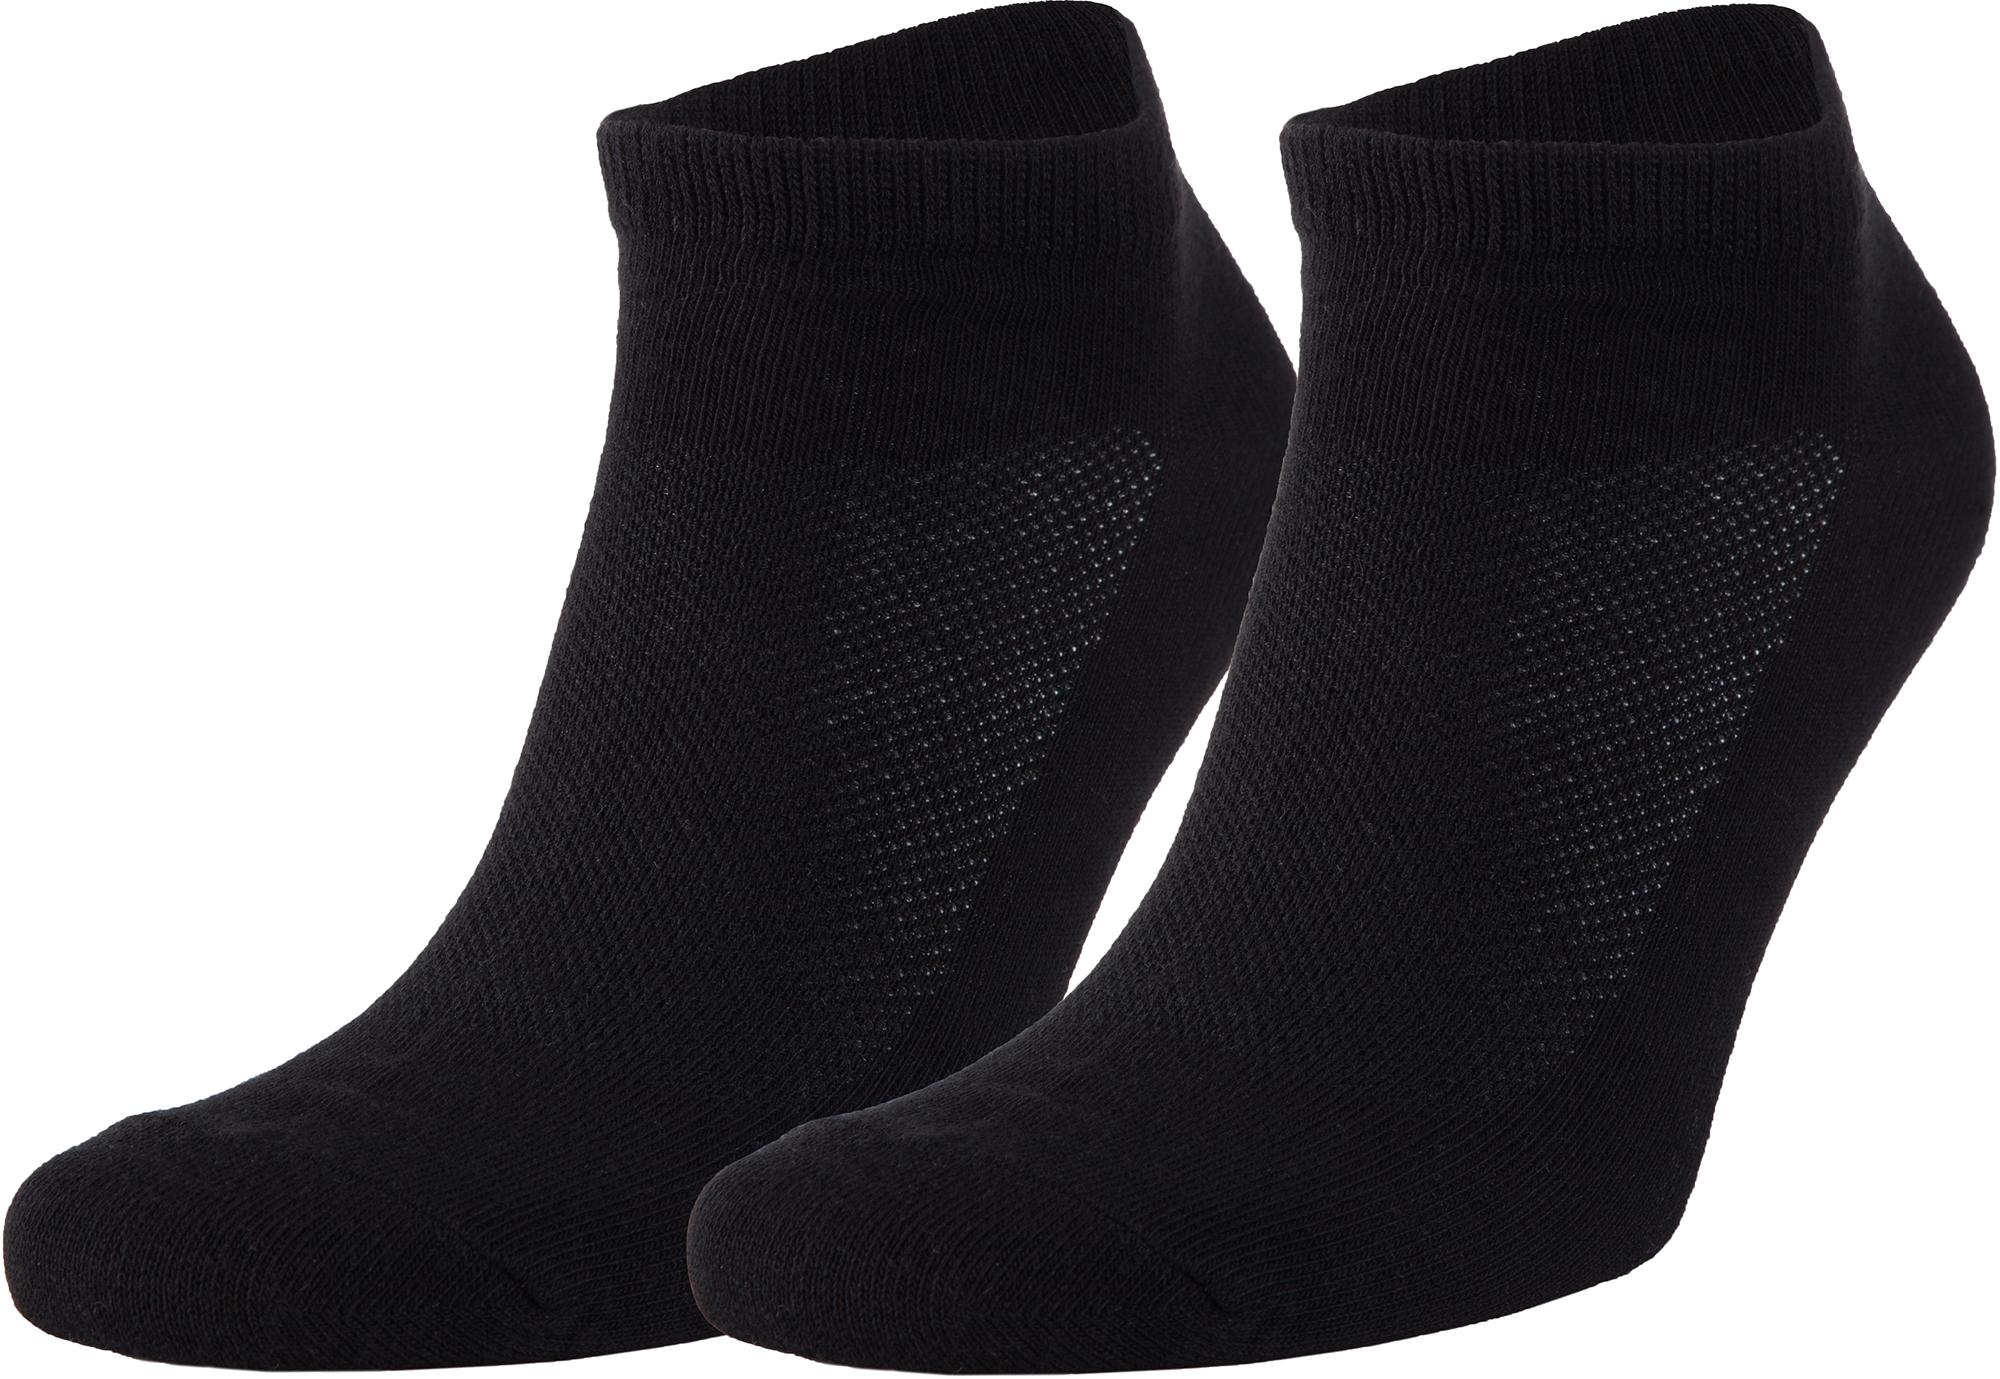 Wilson Носки мужские Wilson, 2 пары, размер 39-42 носки мужские artsocks bold asum 0002 2 пары